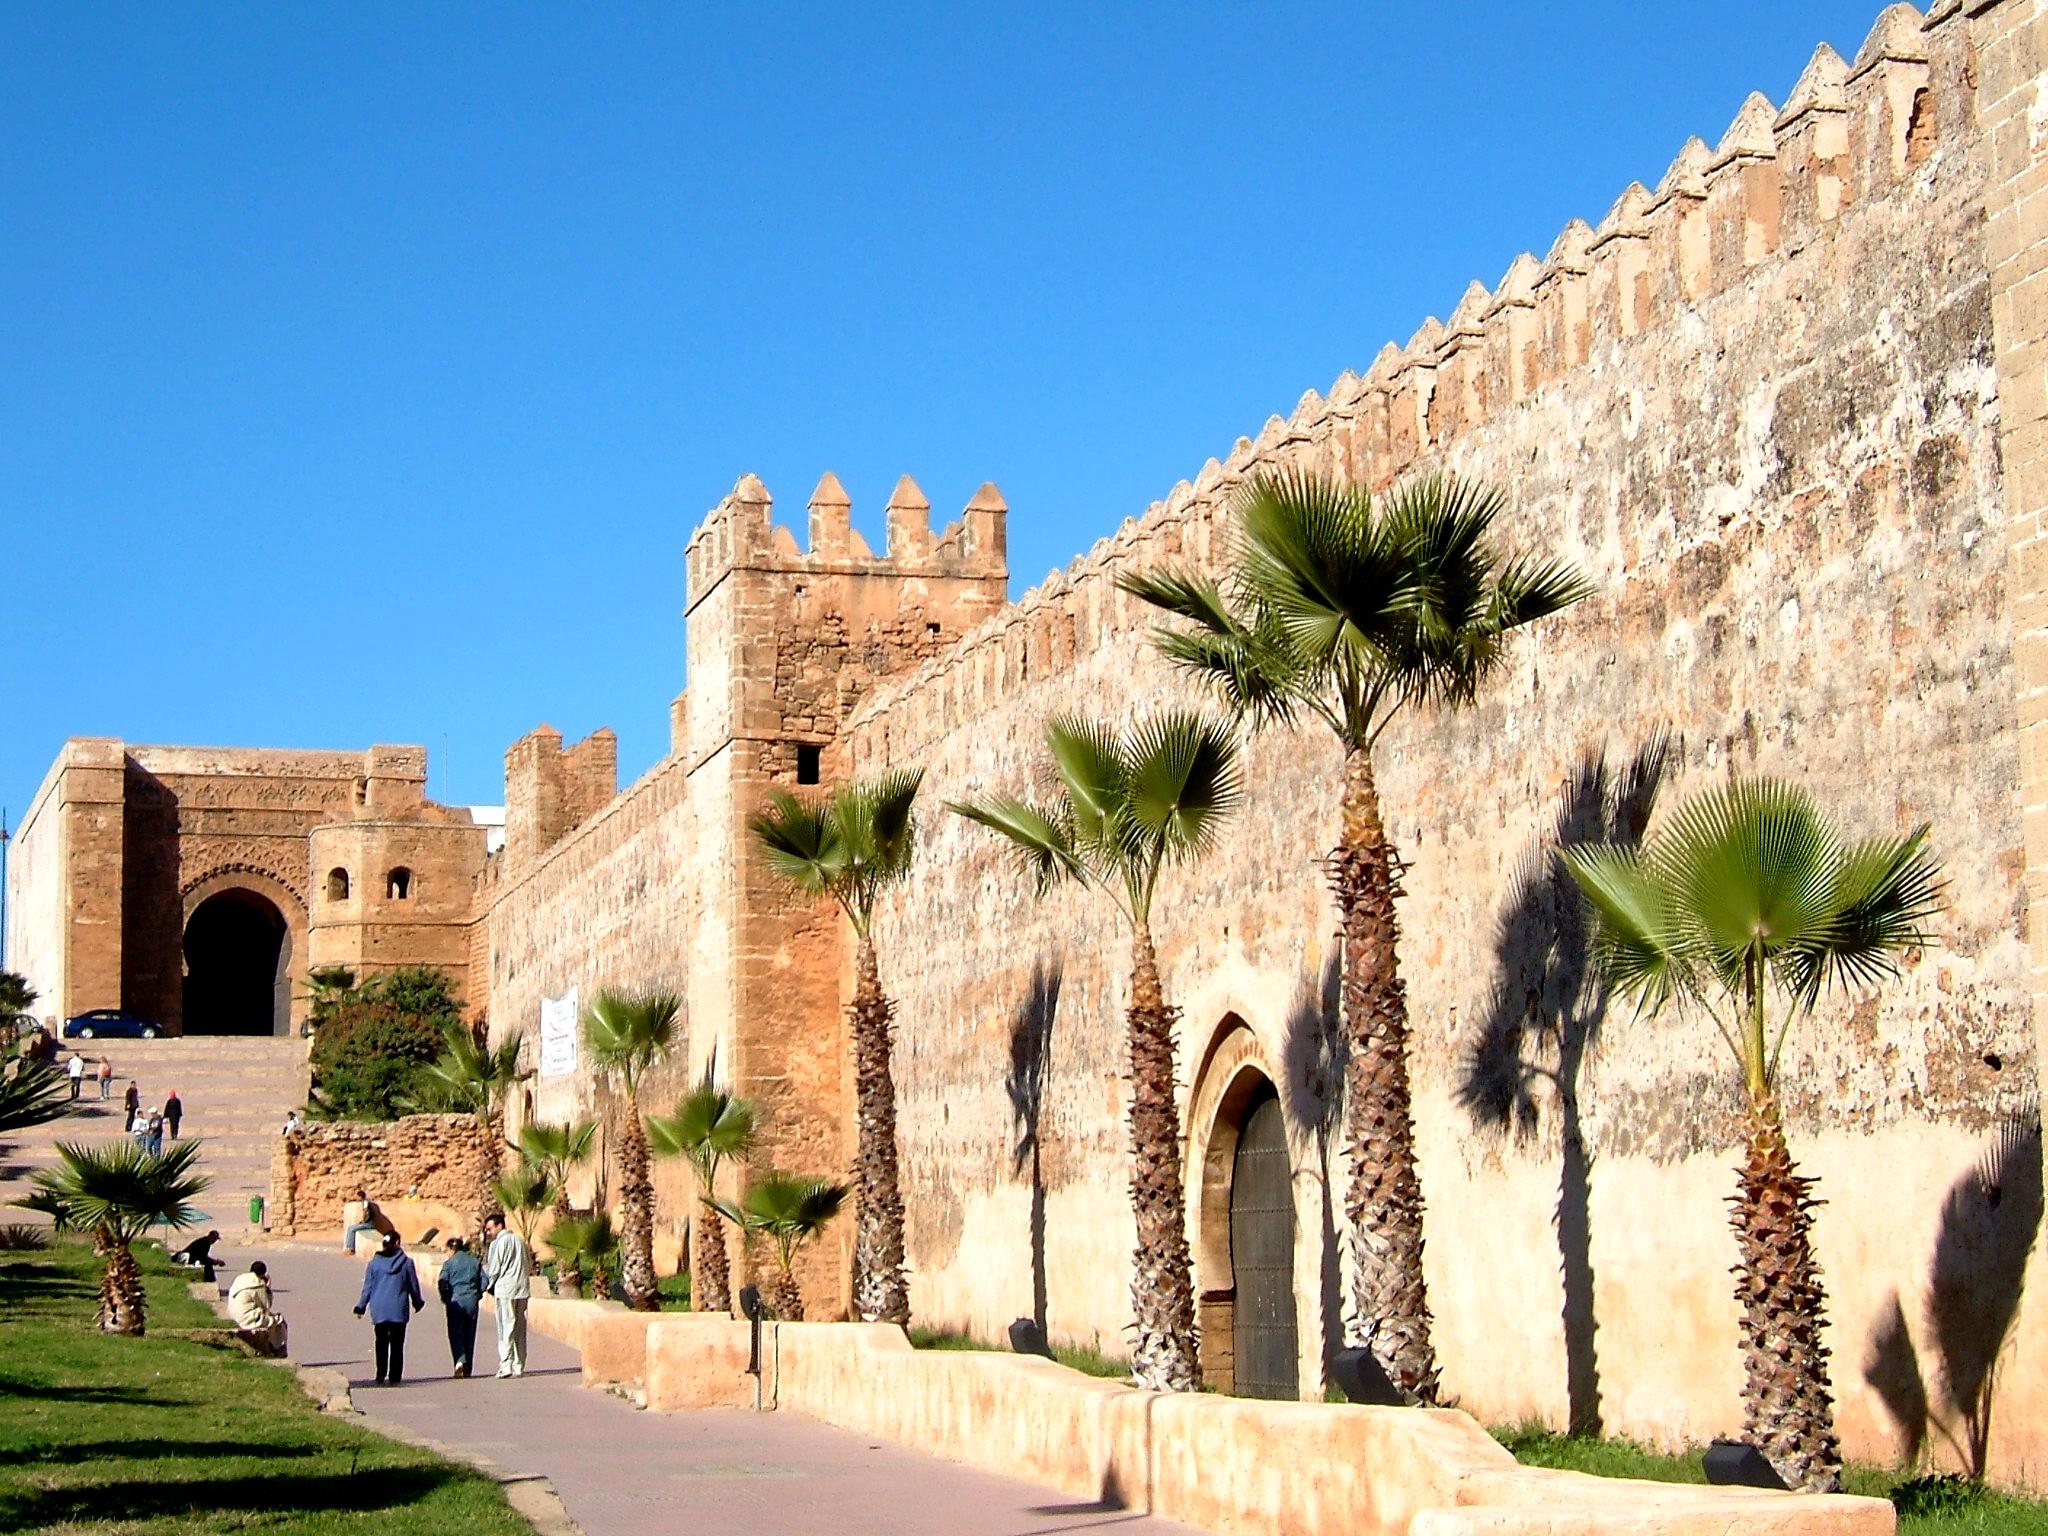 Fassino in Marocco: scambi, culturali e non solo, in vista